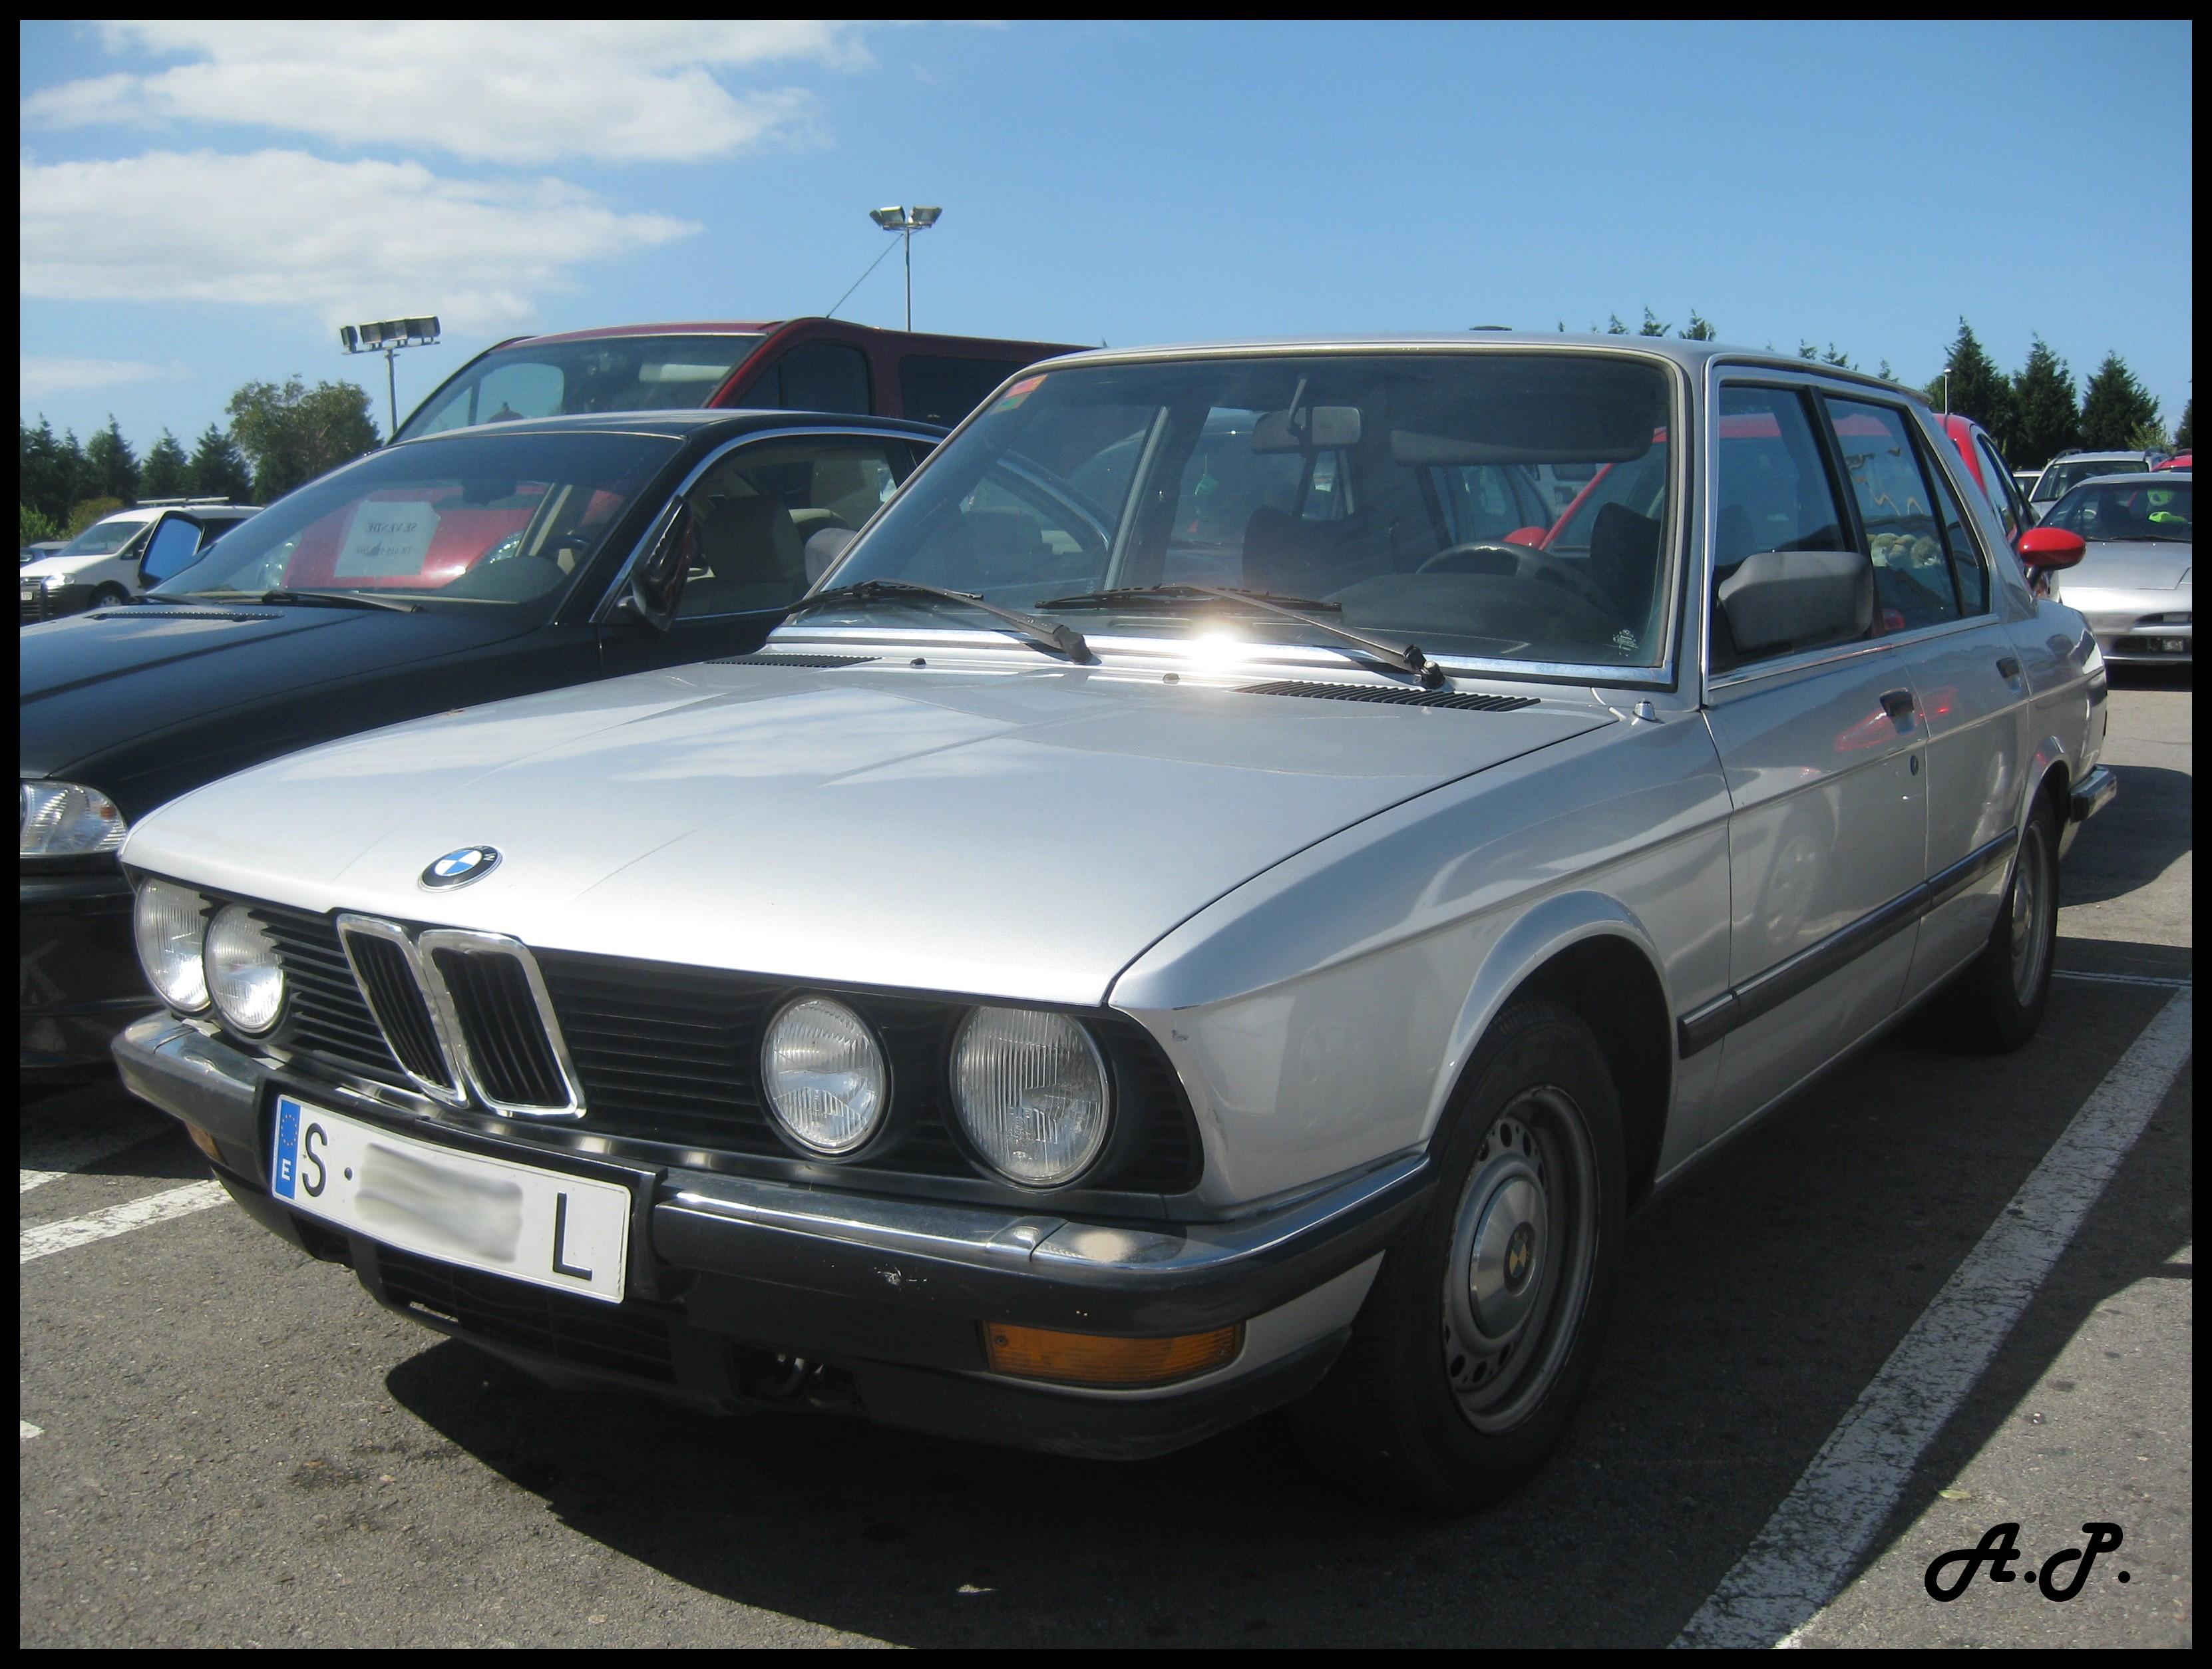 File:1983 BMW 524 tdi (E28) (3877859969).jpg - Wikimedia Commons